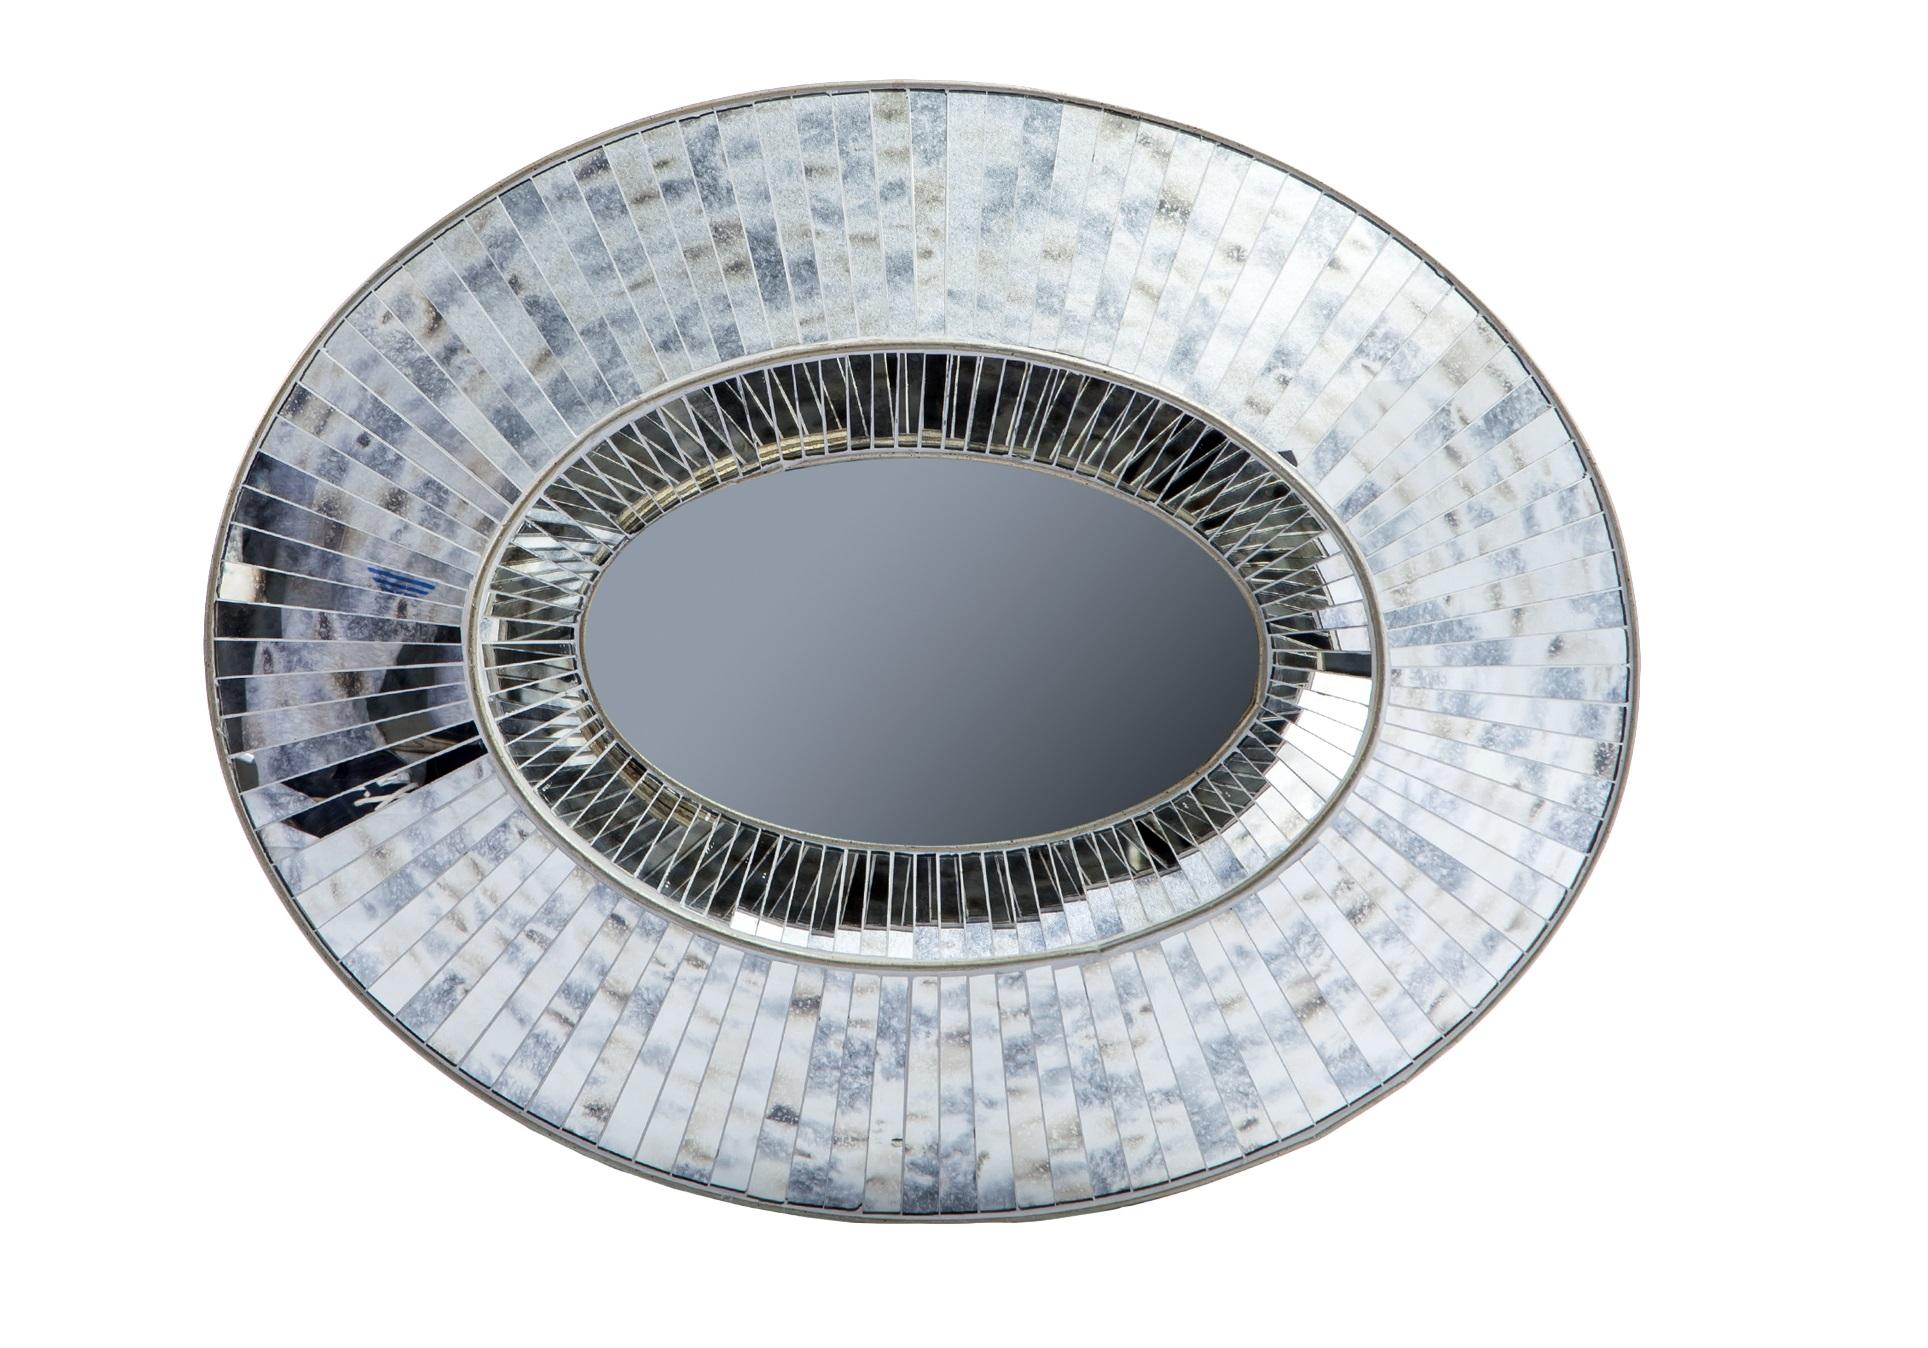 Зеркало в стиле арт-декоНастенные зеркала<br>Зеркало овальное в стиле арт-деко. Рама декорирована вставками из зеркального стекла.&amp;lt;div&amp;gt;&amp;lt;br&amp;gt;&amp;lt;/div&amp;gt;&amp;lt;div&amp;gt;Материал: зеркальное стекло&amp;lt;br&amp;gt;&amp;lt;/div&amp;gt;<br><br>Material: Стекло<br>Width см: 103<br>Depth см: 10<br>Height см: 83